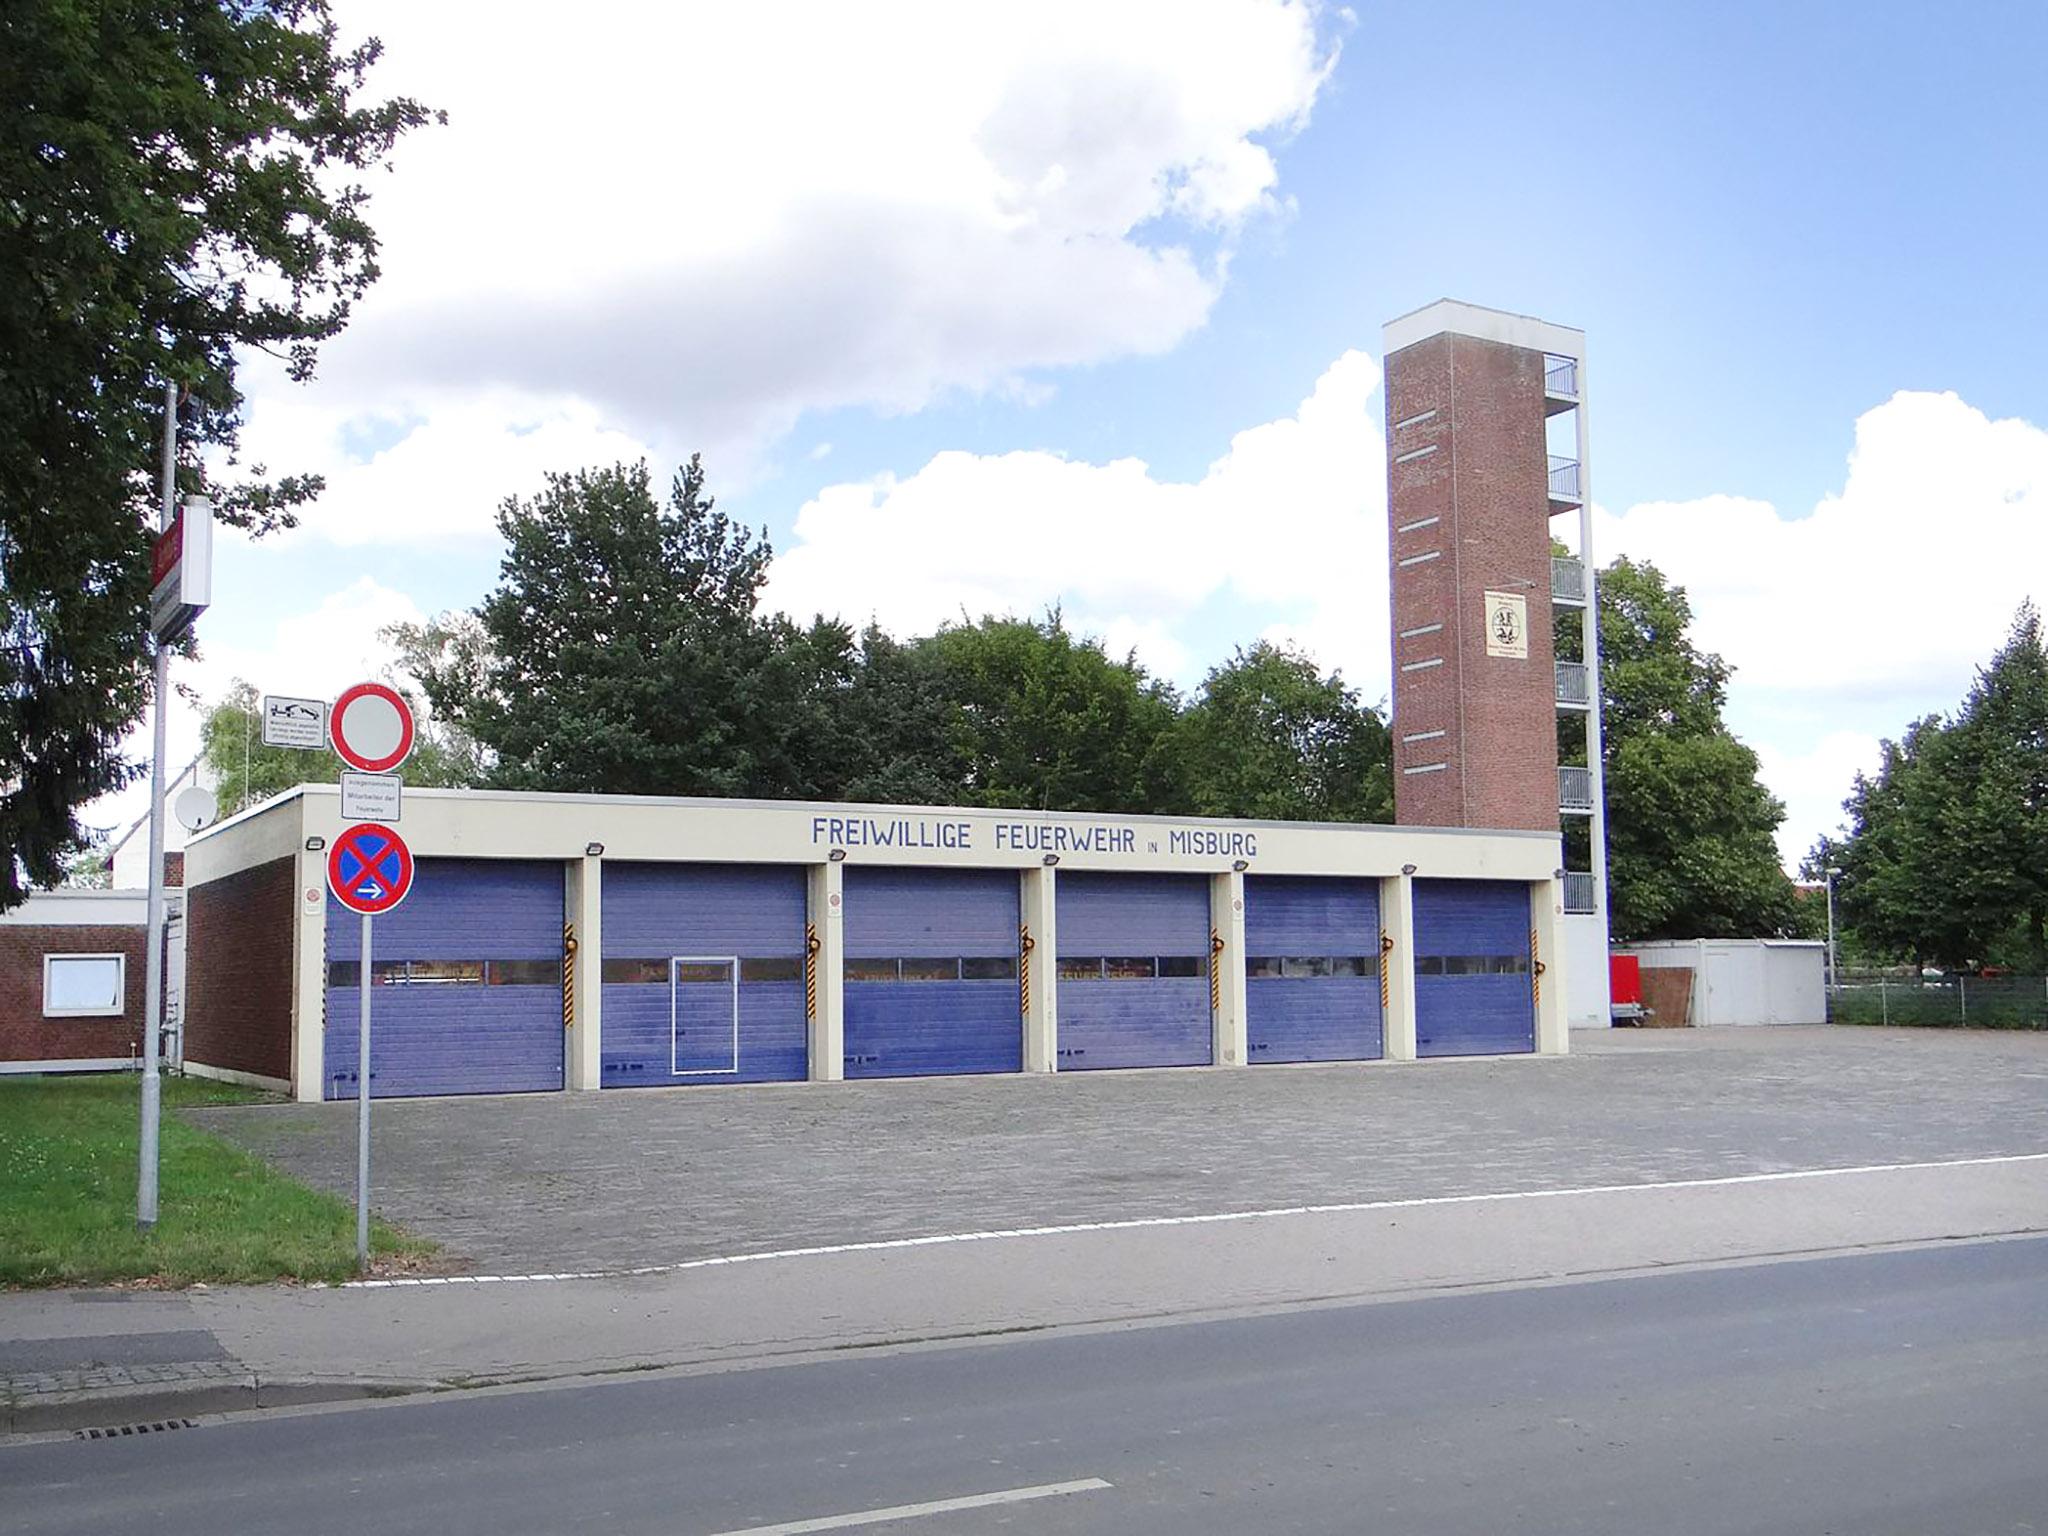 Feuerwehrhaus Misburg